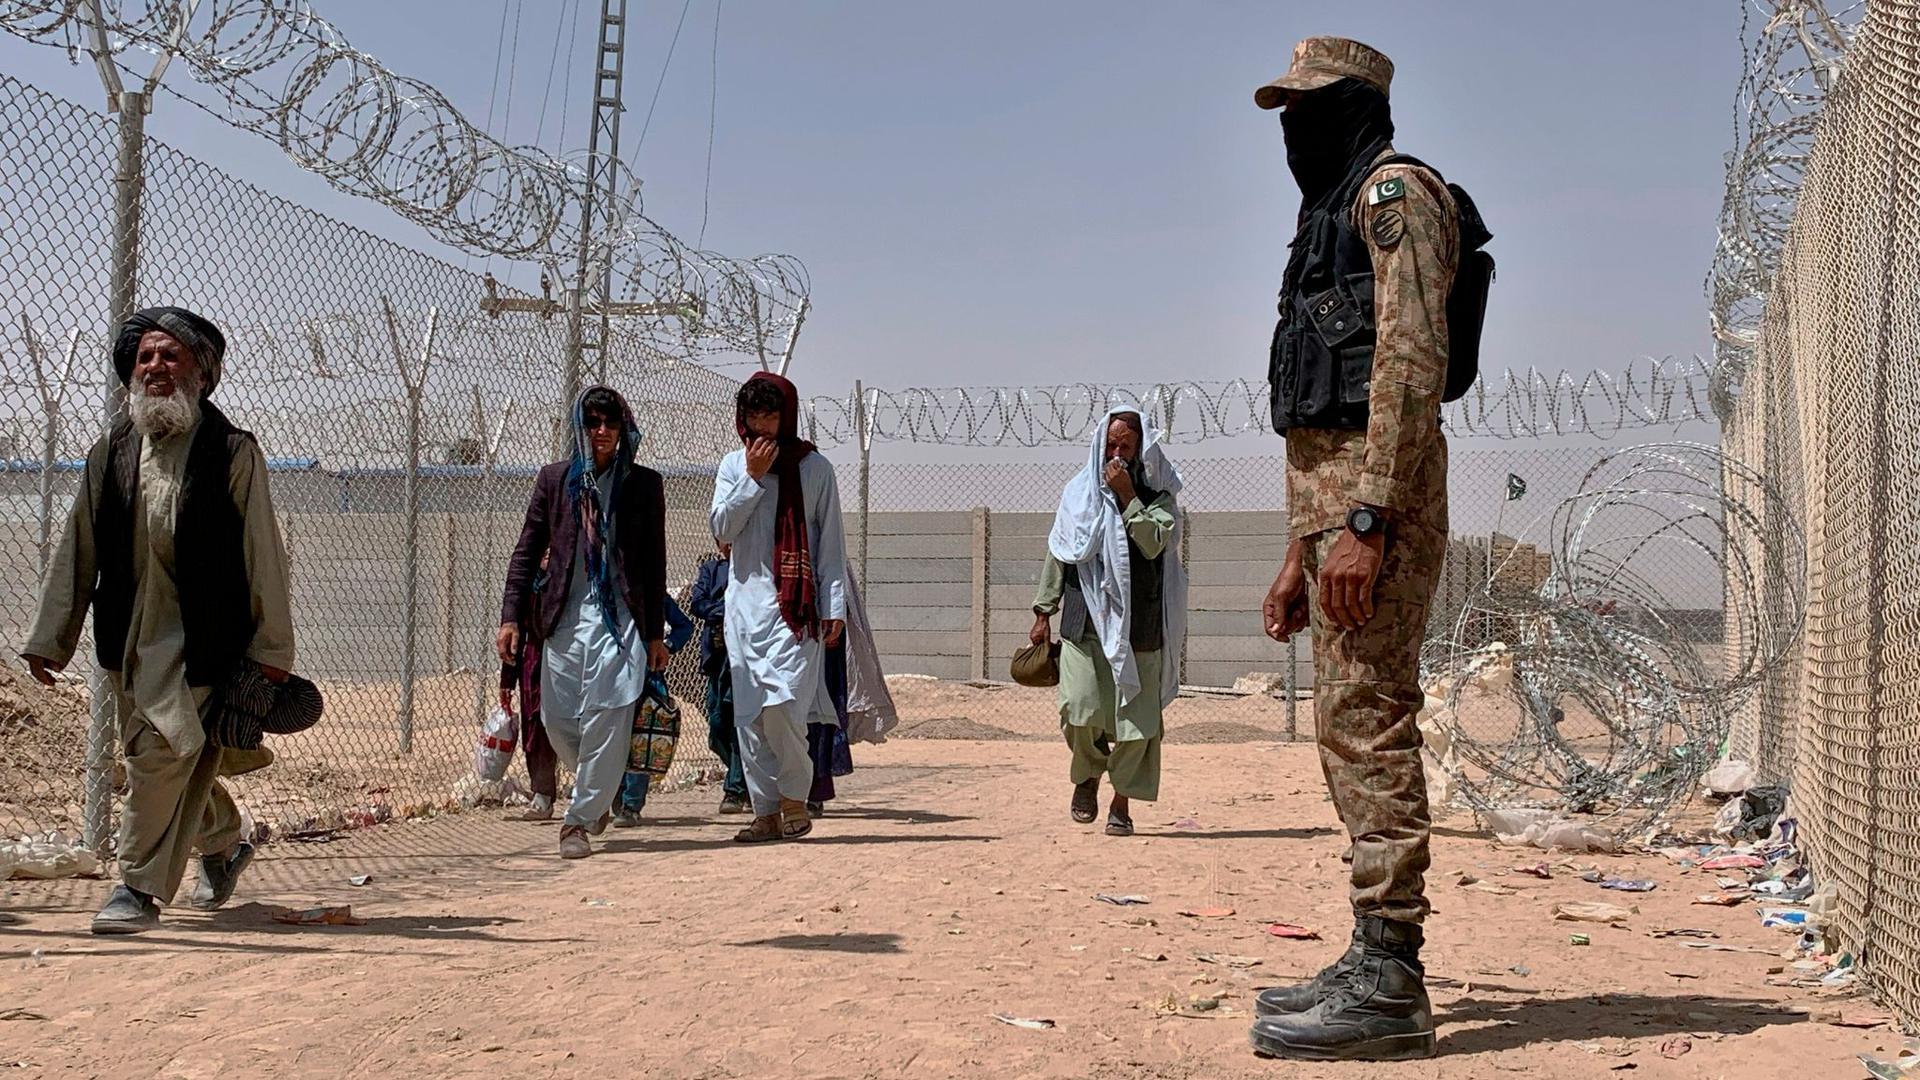 Ein pakistanischer Soldat steht Wache, während Menschen aus Afghanistan über einen Grenzübergang in Chaman nach Pakistan einreisen.